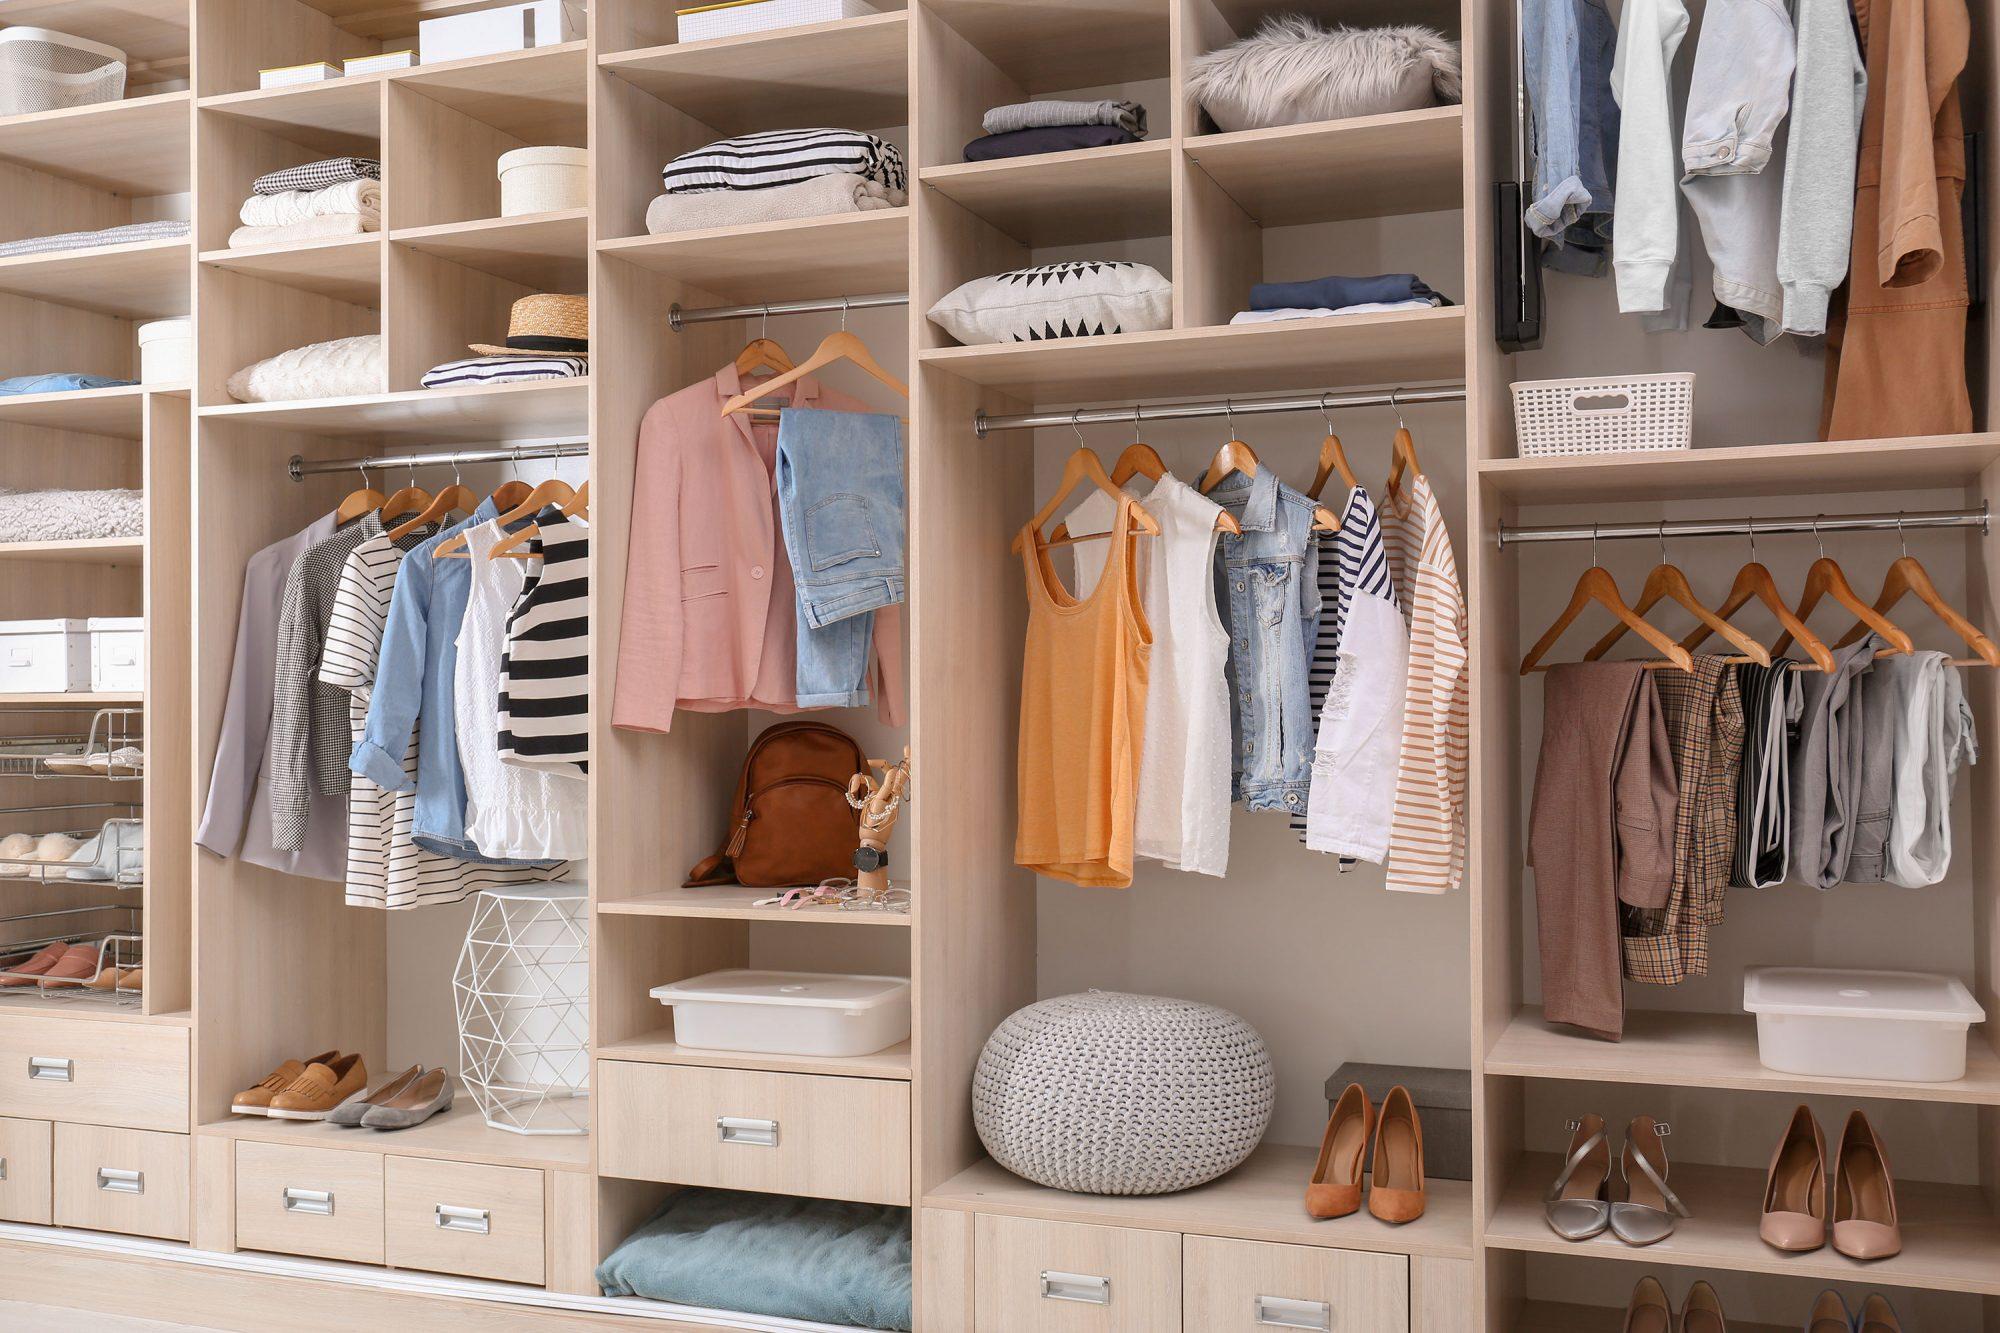 8 bí quyết tuyệt vời để dọn dẹp lại tủ quần áo của bạn - 1